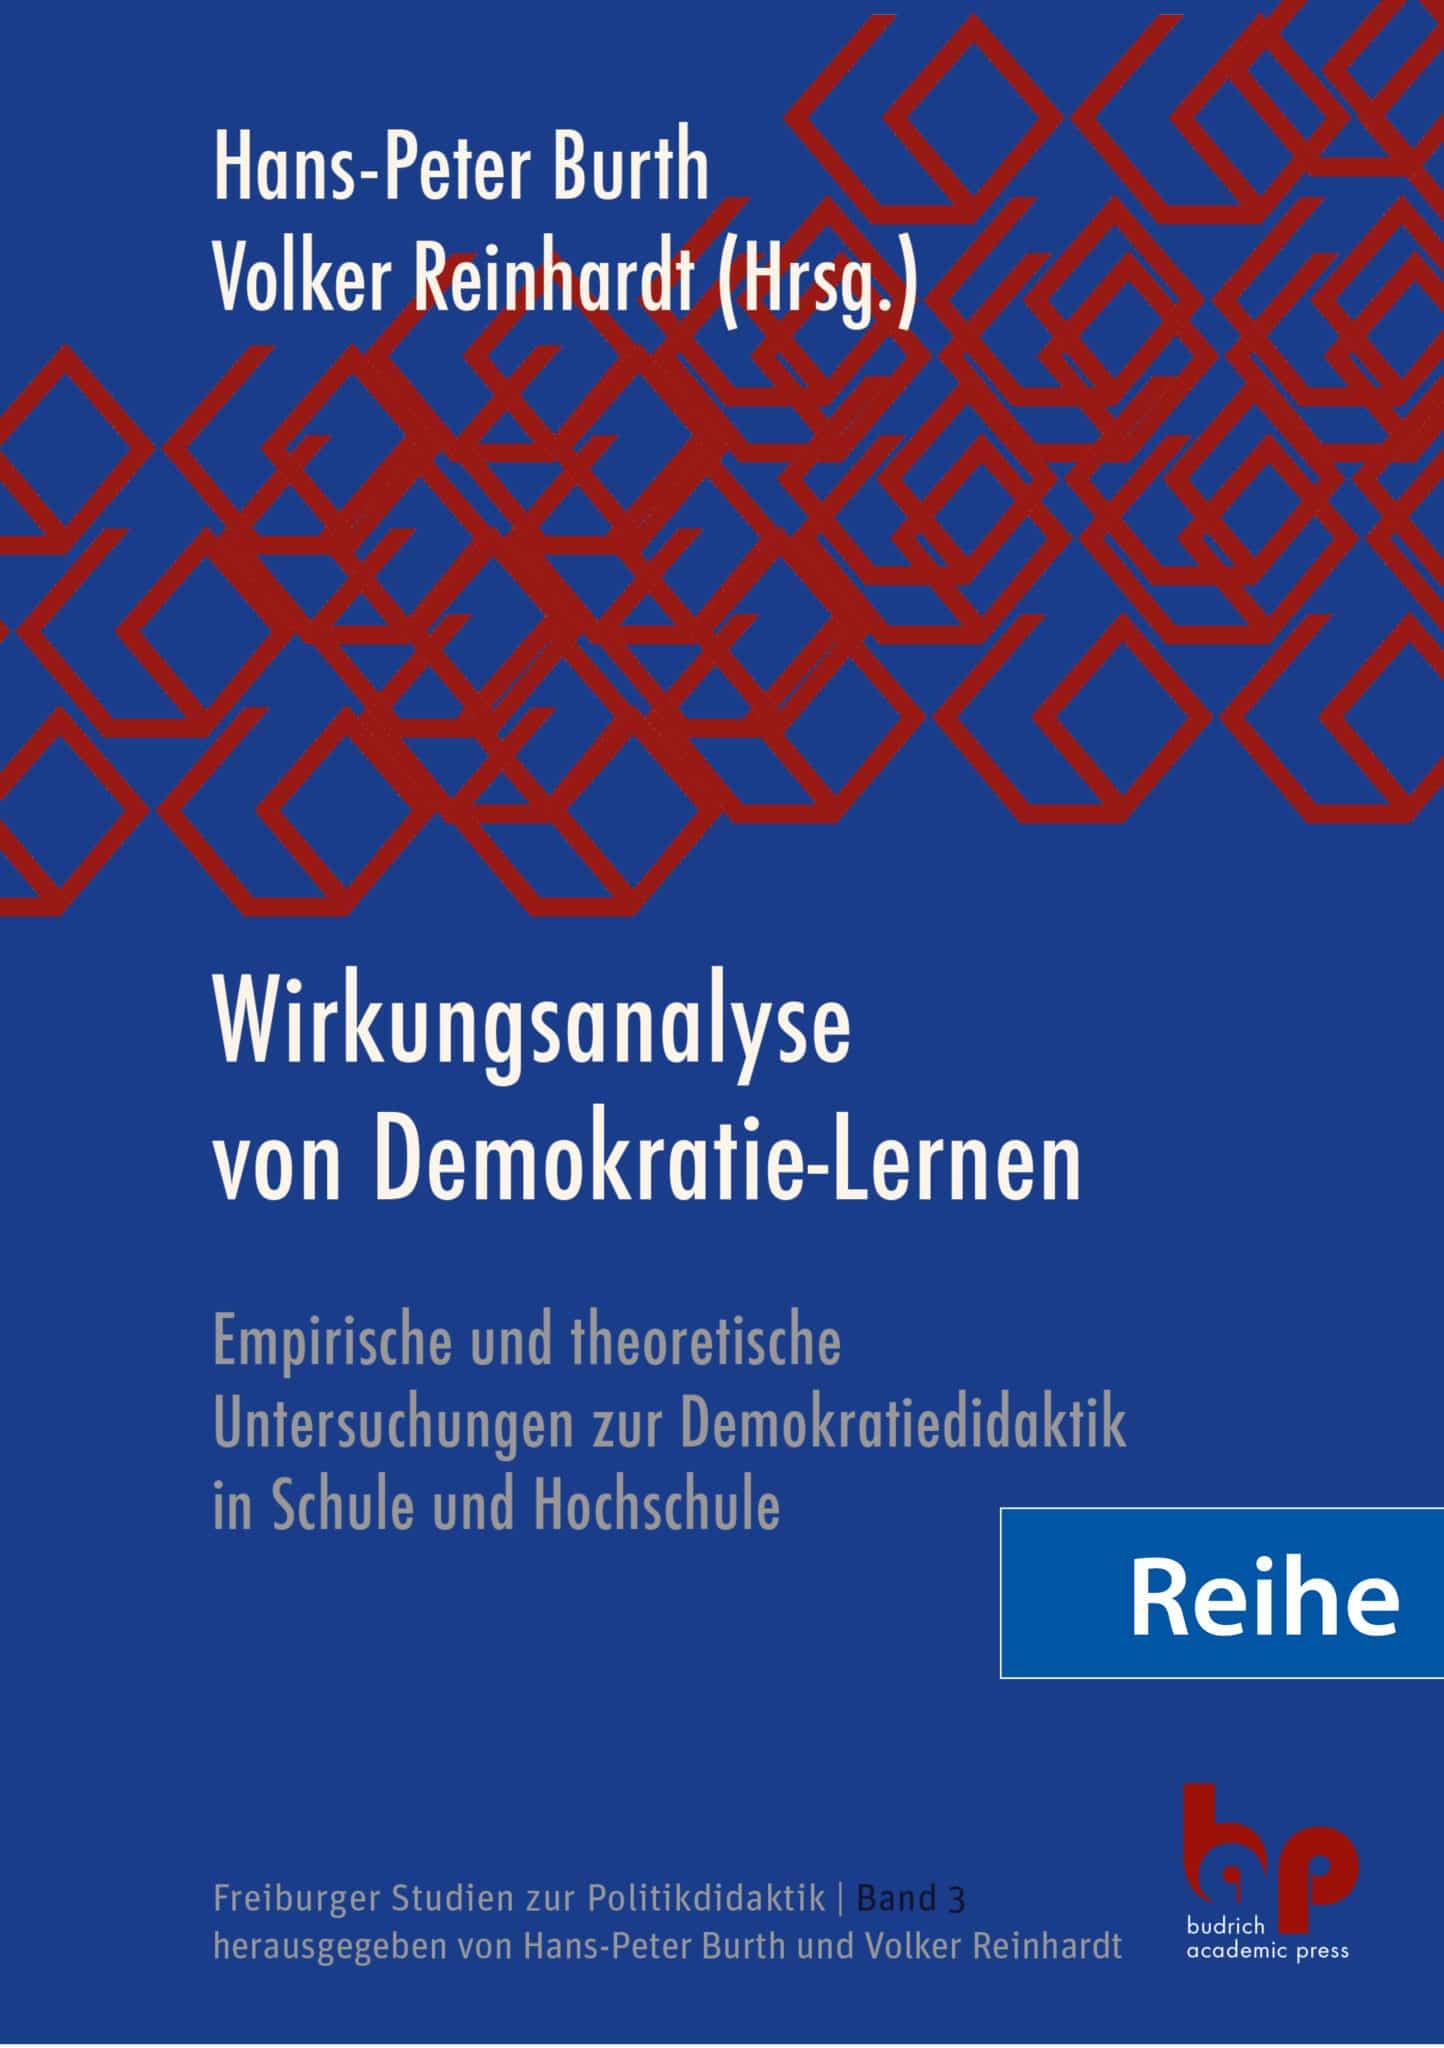 Reihe – Freiburger Studien zur Politikdidaktik